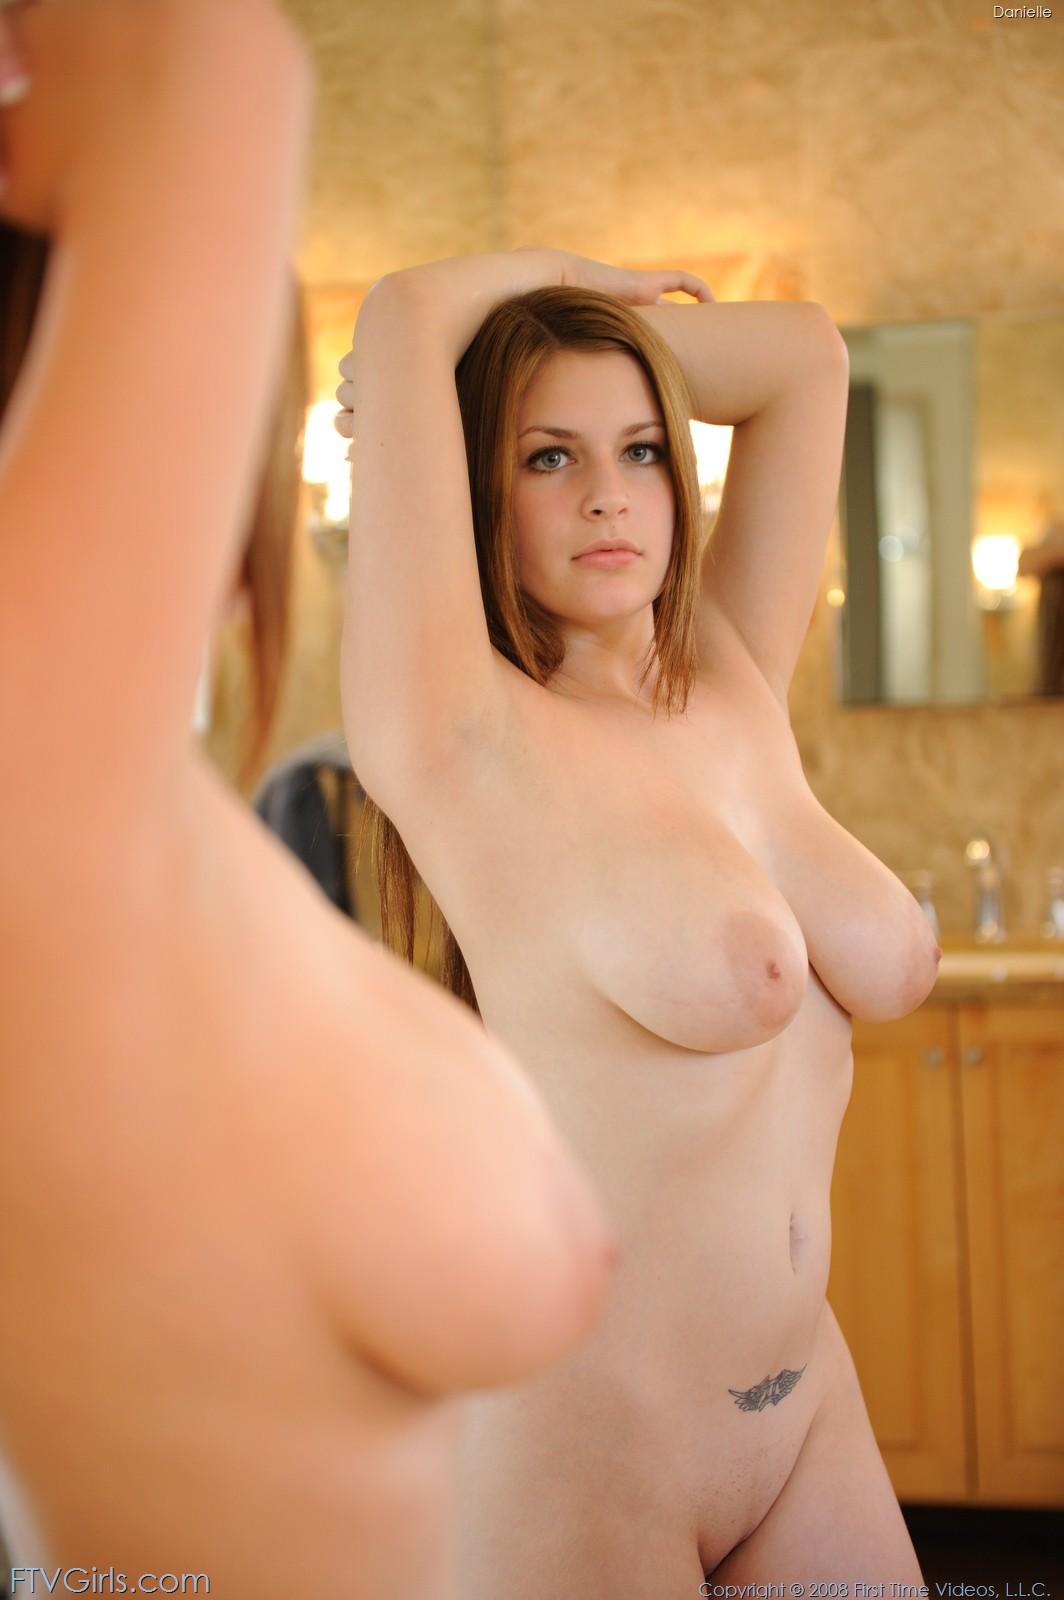 Фашион тв hot голые 18 фотография